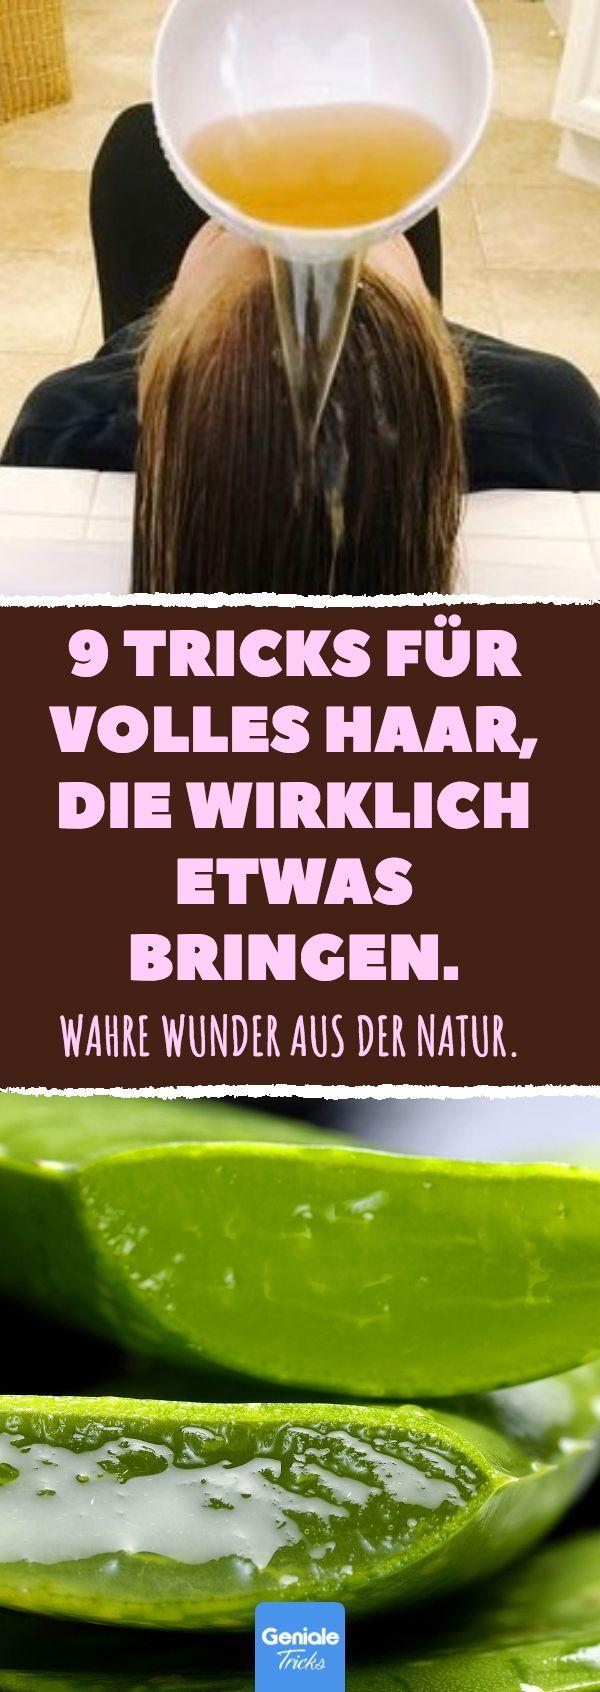 9 Tricks für volles Haar, die wirklich etwas bringen. #haarausfall #volles #sch